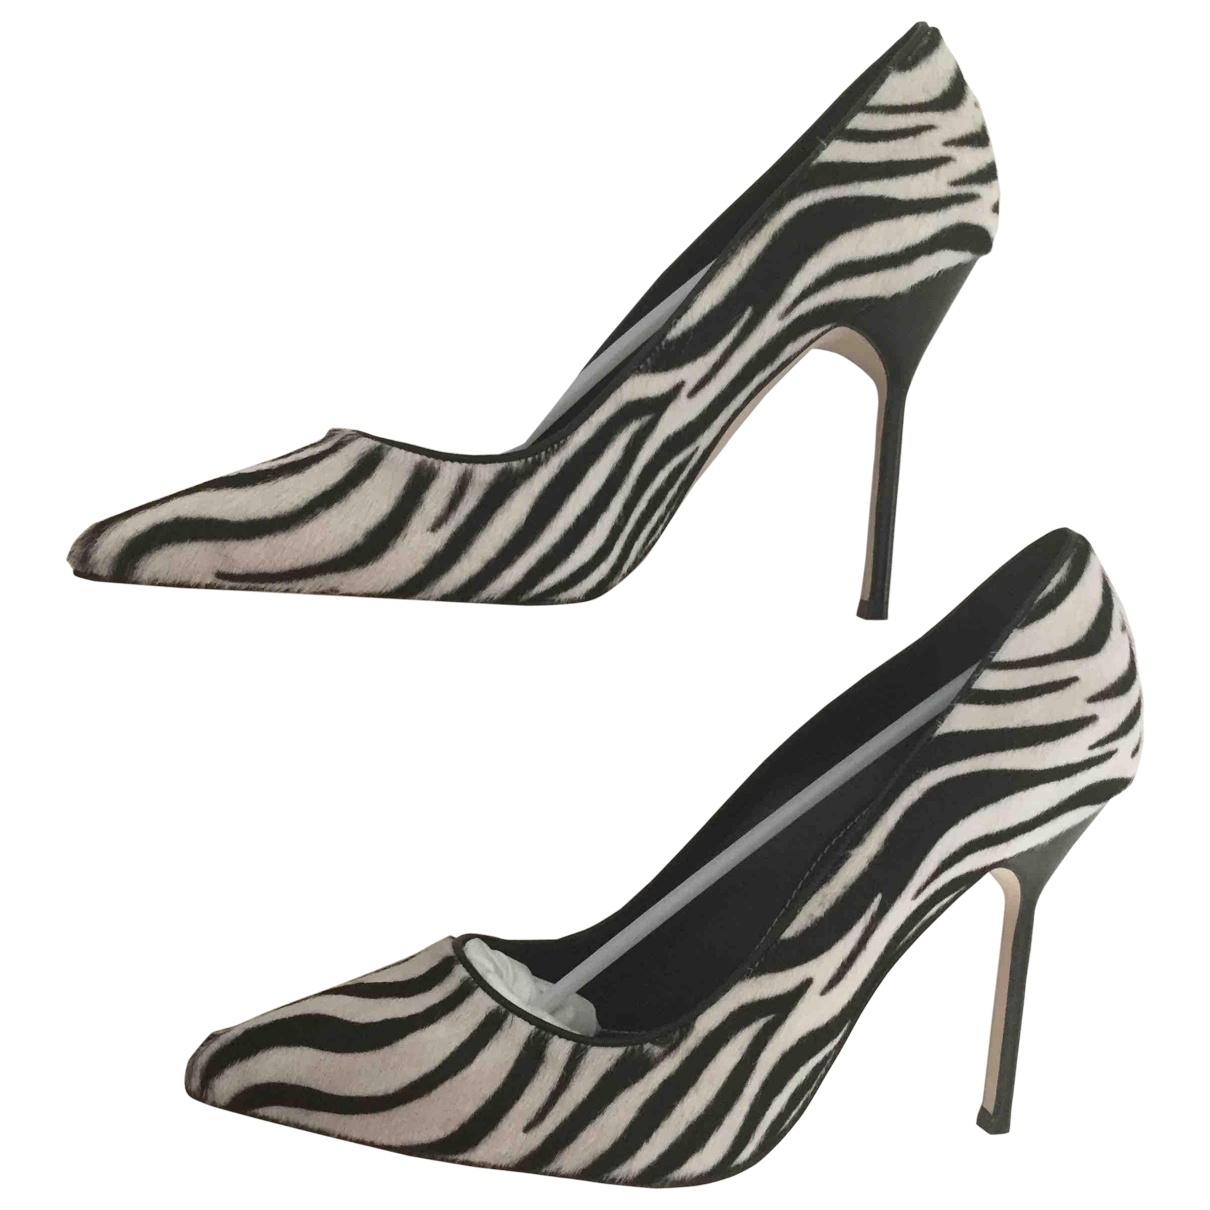 Manolo Blahnik \N Black Pony-style calfskin Heels for Women 38 EU